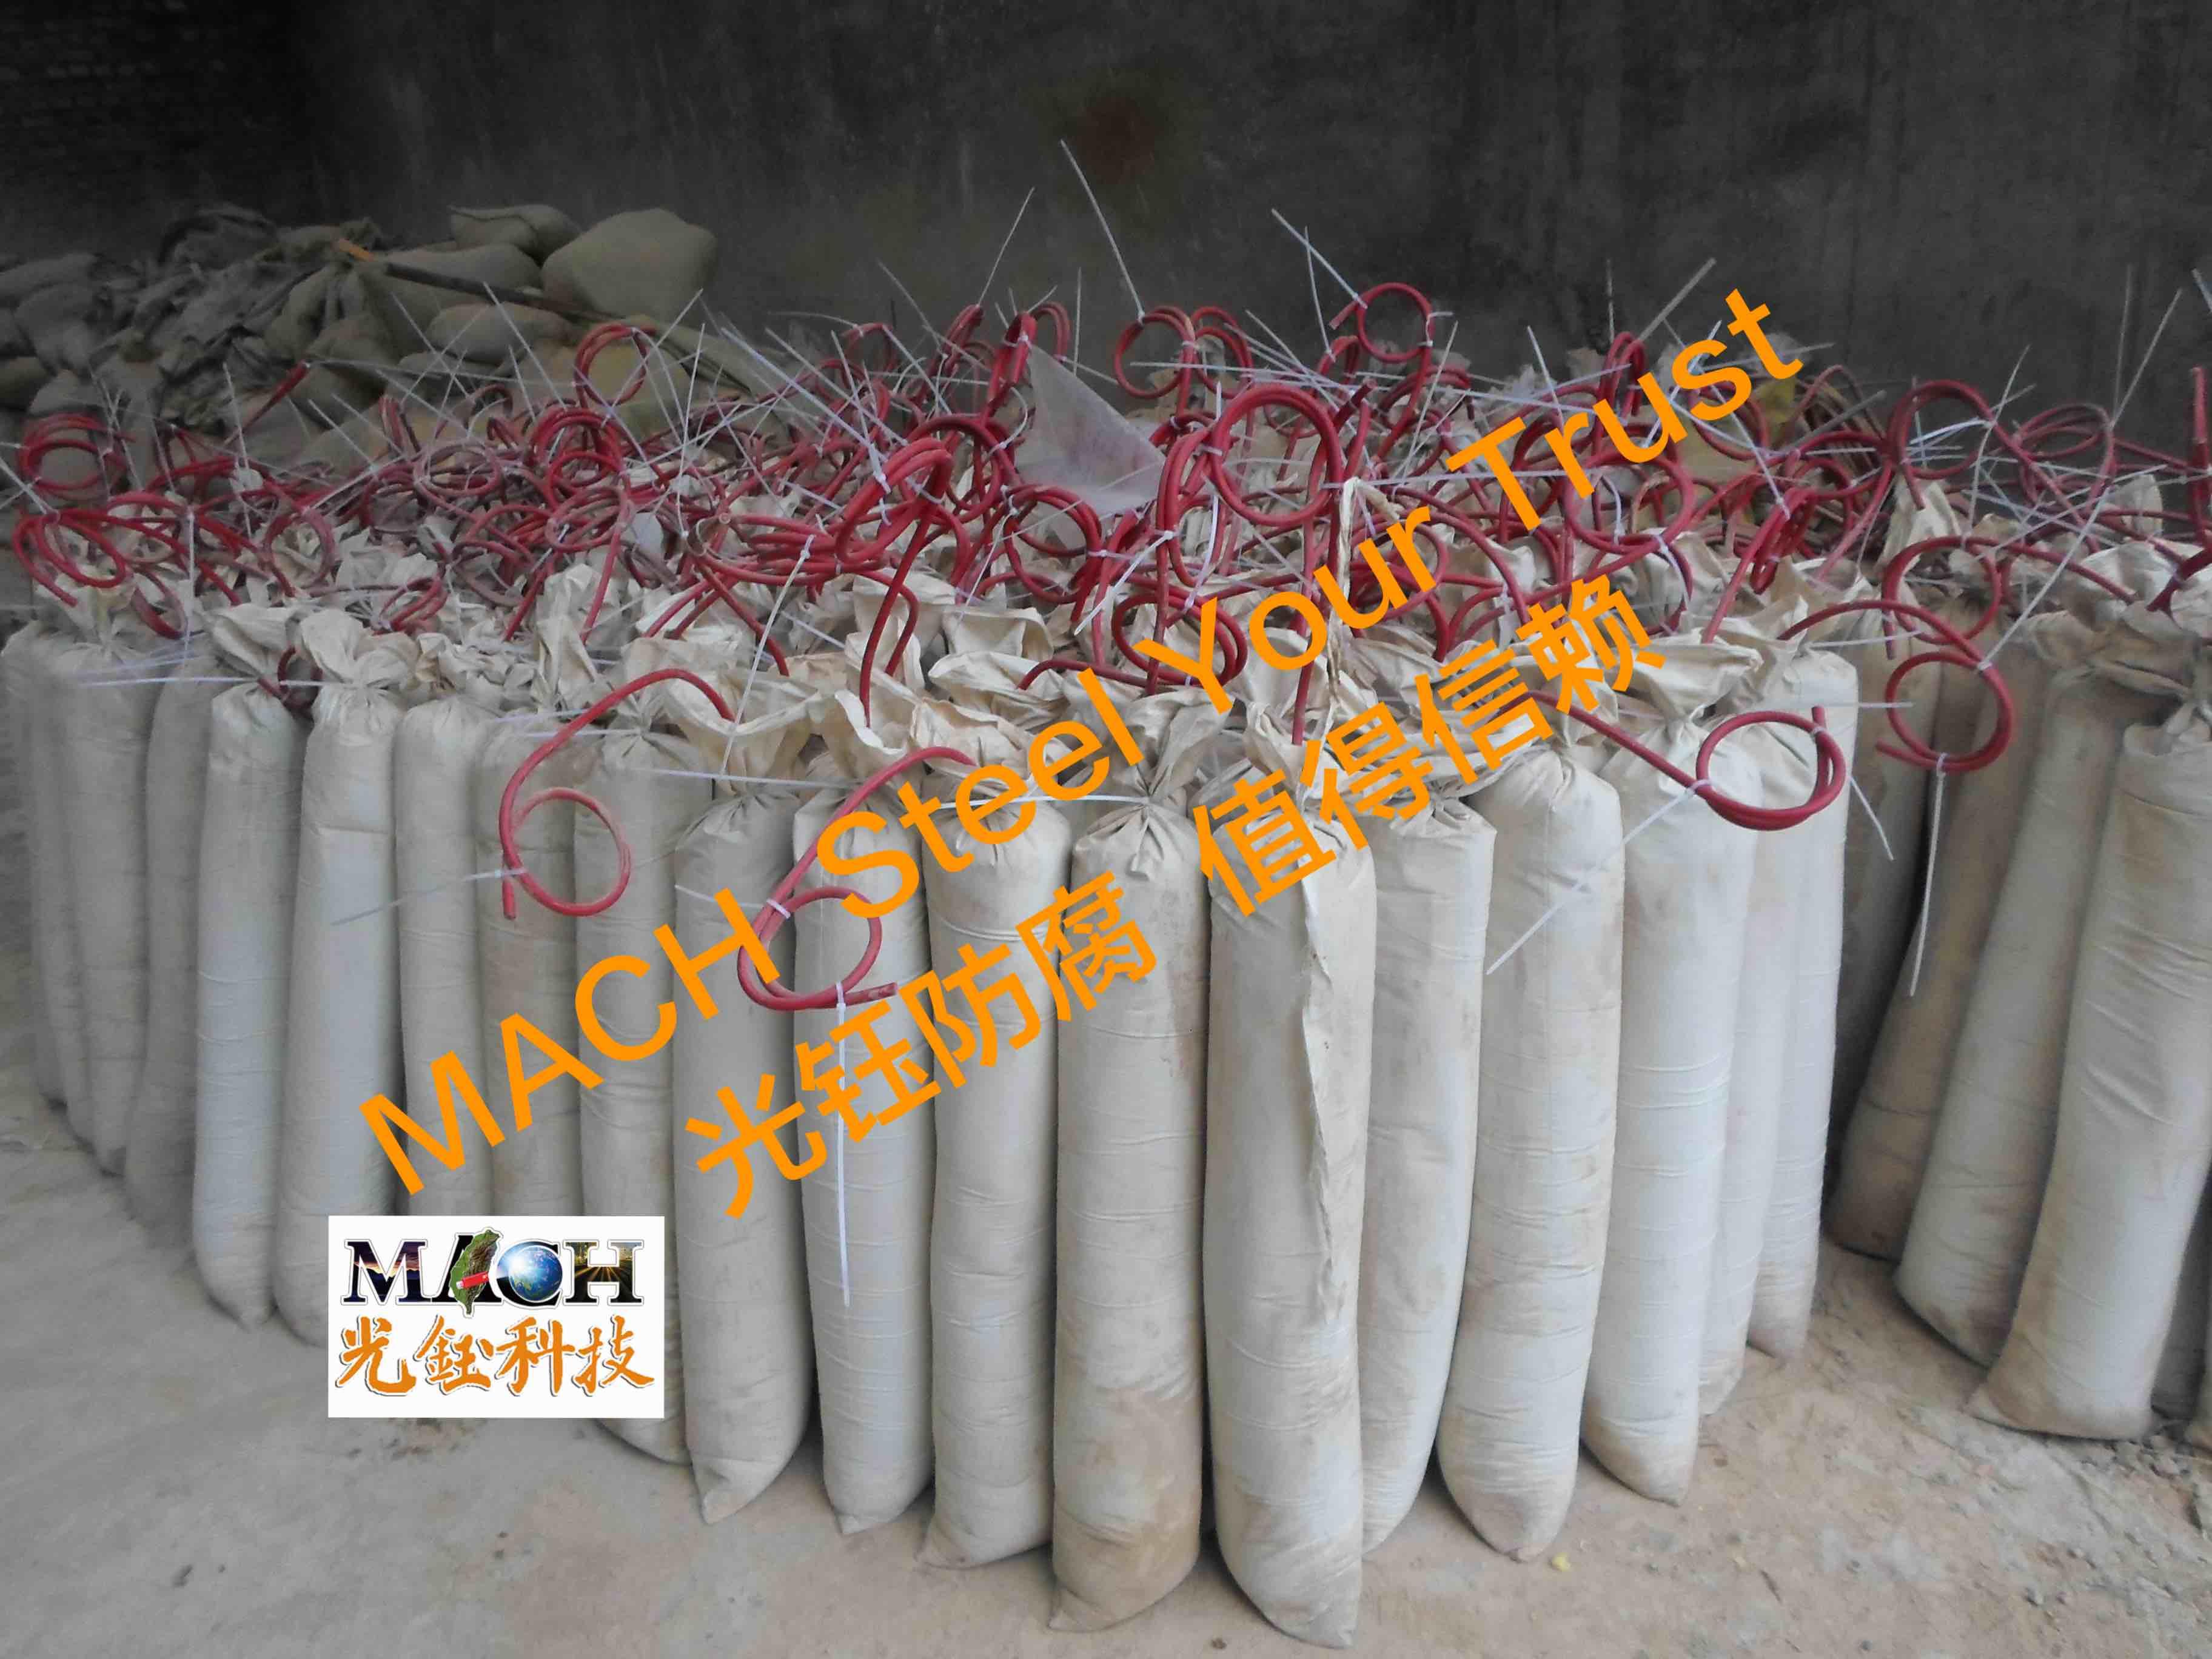 管道用包装镁阳极 高电位镁阳极 高效耐用 低成本又环保